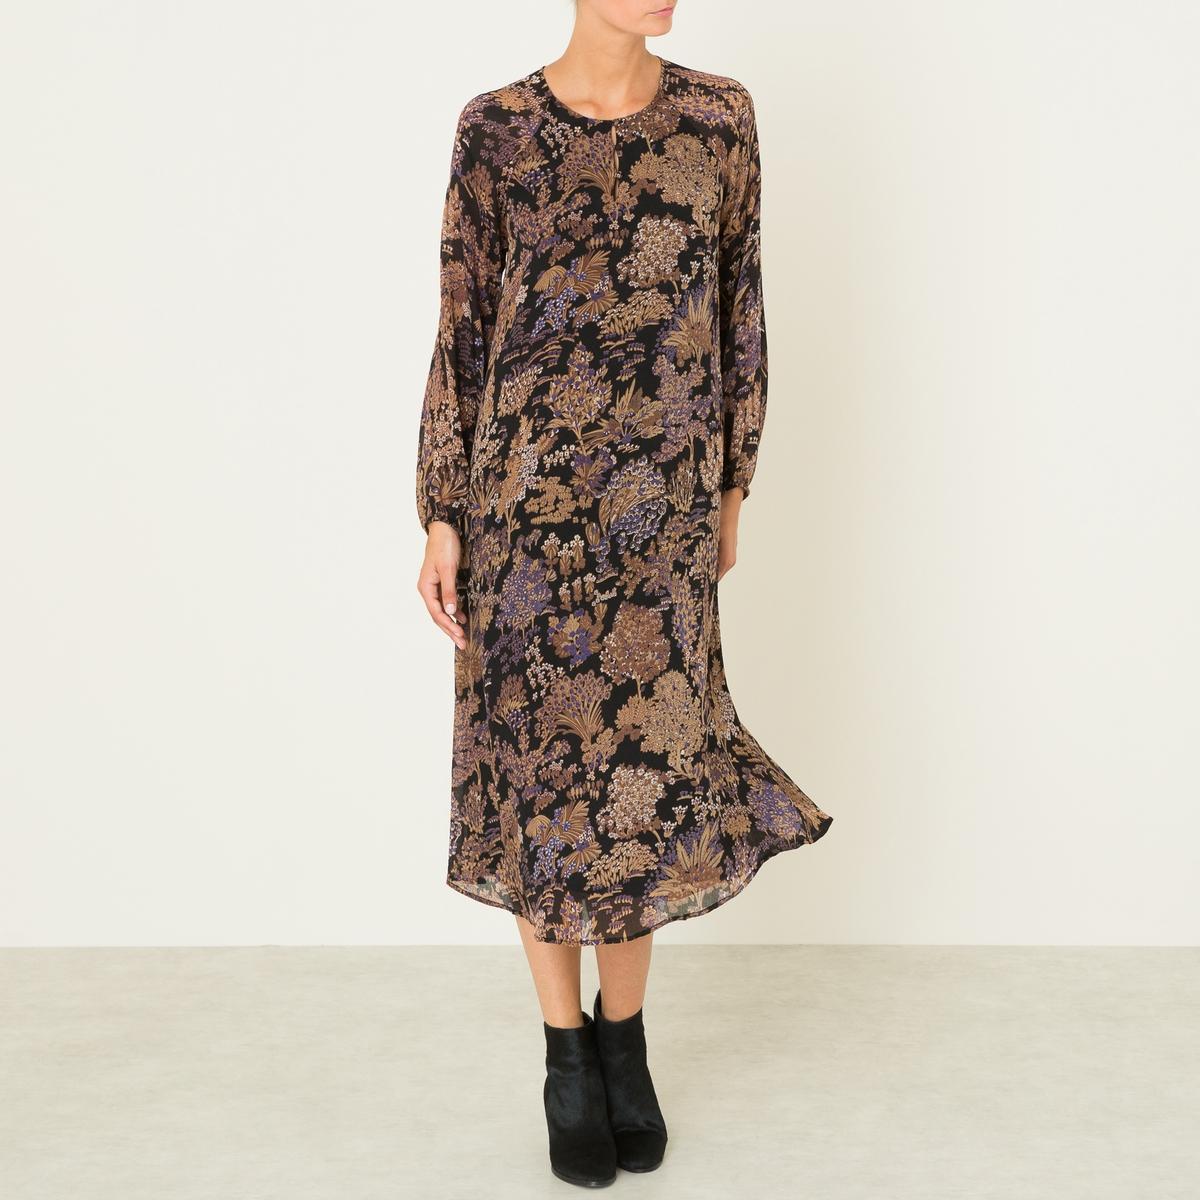 Платье длинное TORRE DRESSПлатье MES DEMOISELLES, модель TORRE DRESS. Длинный прямой покрой. V-образный вырез с пуговицами. Длинные свободные рукава, манжеты на резинке. Подкладка. Сплошной цветочный рисунок. Струящийся покрой.Состав и описание Материал : 100% шелк Длина : 122 см. (для размера 36) Марка : MES DEMOISELLES<br><br>Цвет: черный<br>Размер: 40 (FR) - 46 (RUS)